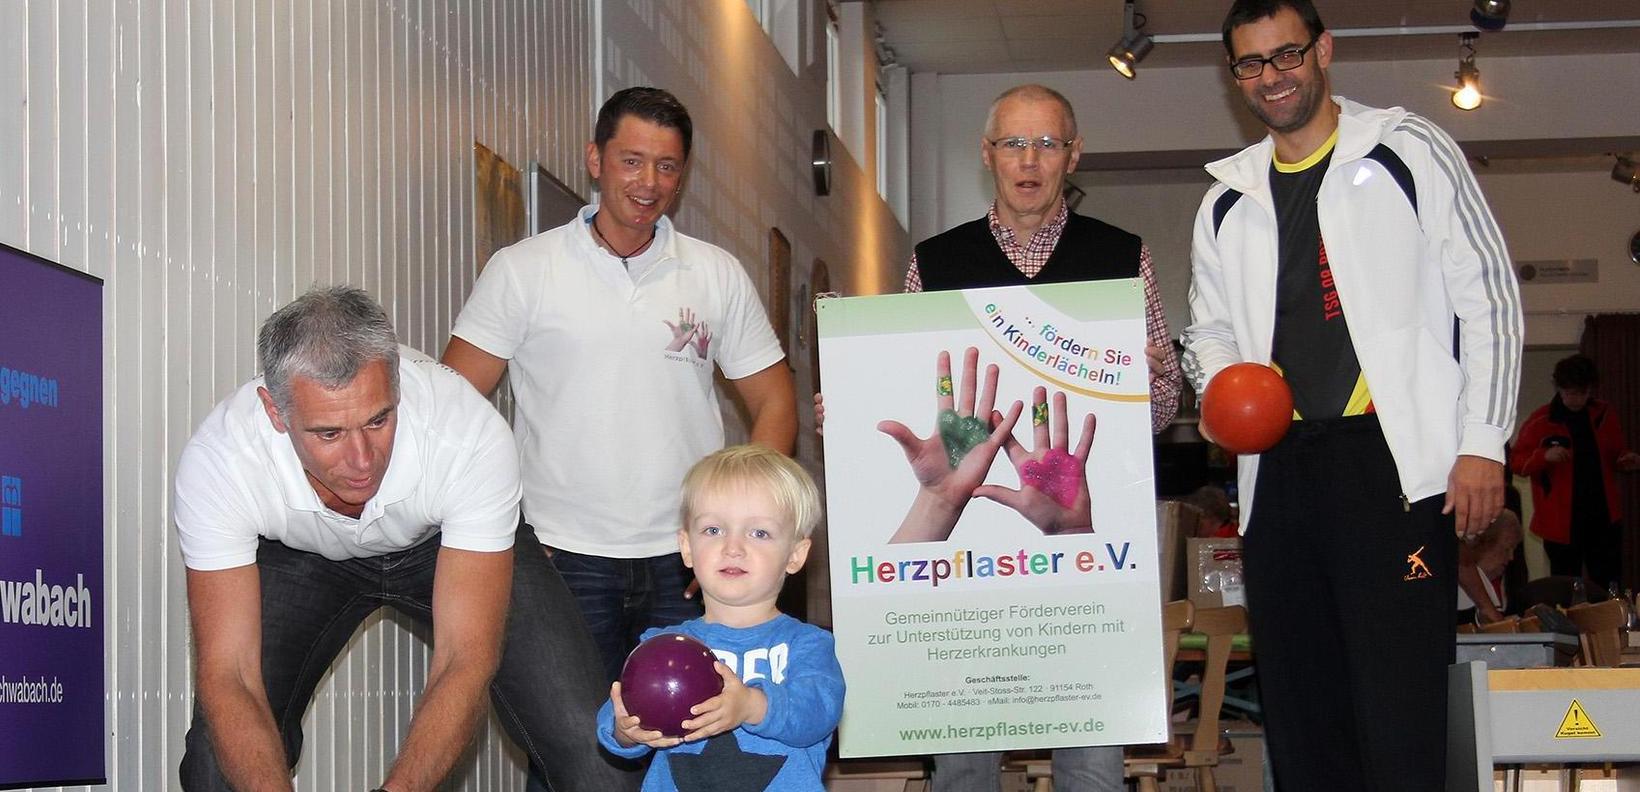 Beim Benefizkegeln waren zusammen mit dem kleinen Finn Gerhard Ellinger (links), im Hintergrund Thorsten Prennig, Günther Schmidt und Bürgermeister Ralph Edelhäußer.